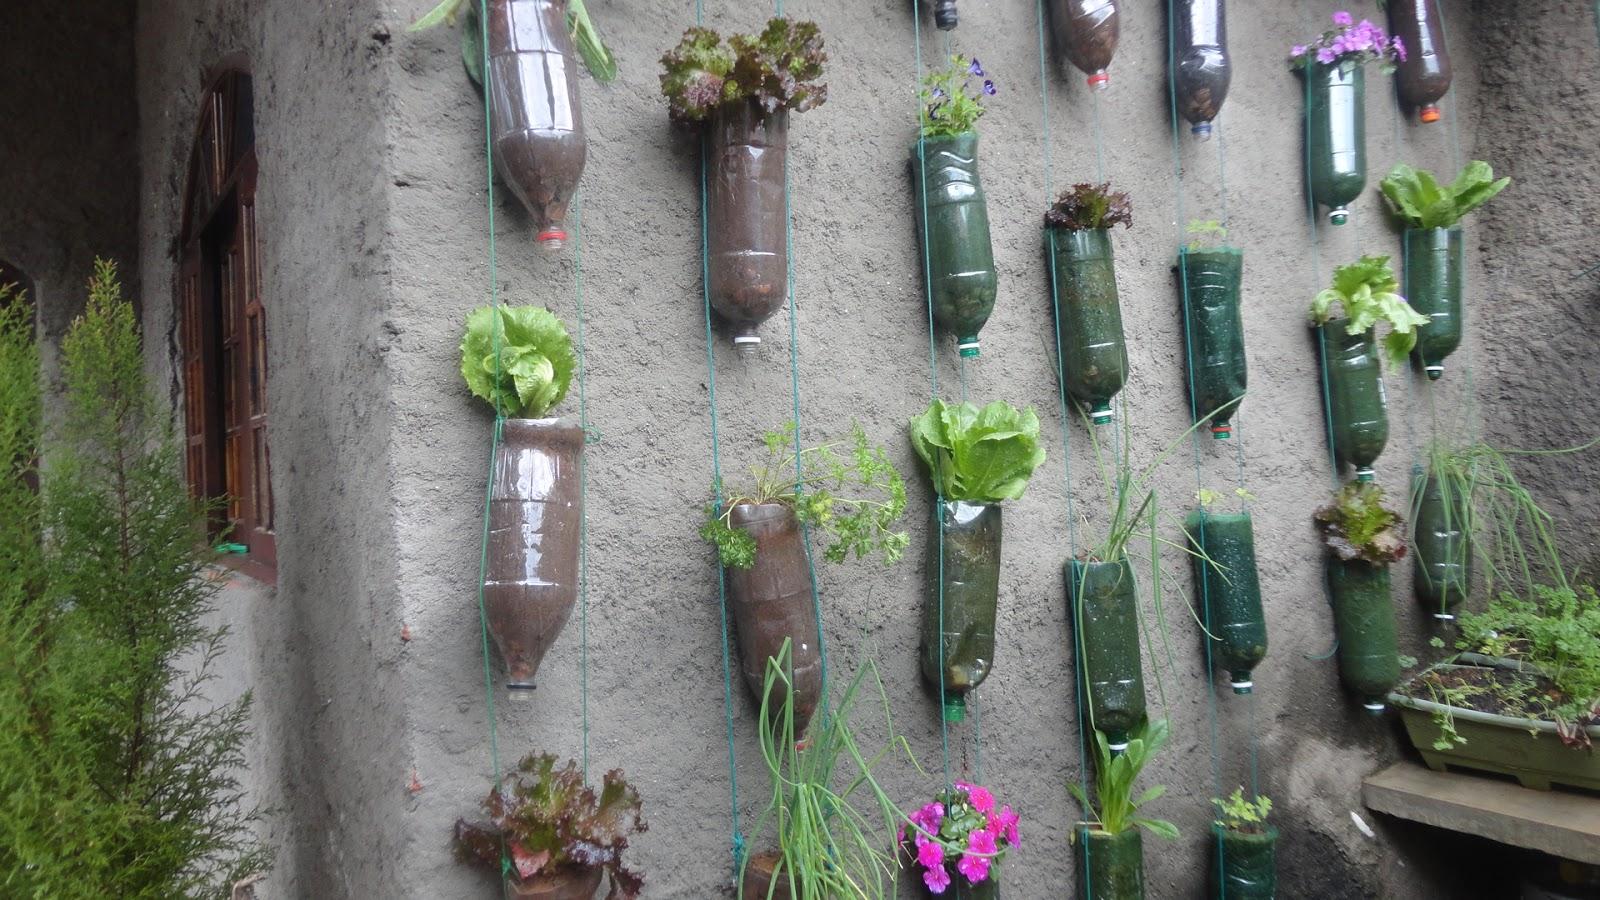 jardim vertical de garrafa pet passo a passo: um video que mostra todo o passo a passo,vocês podem ver ficou legal